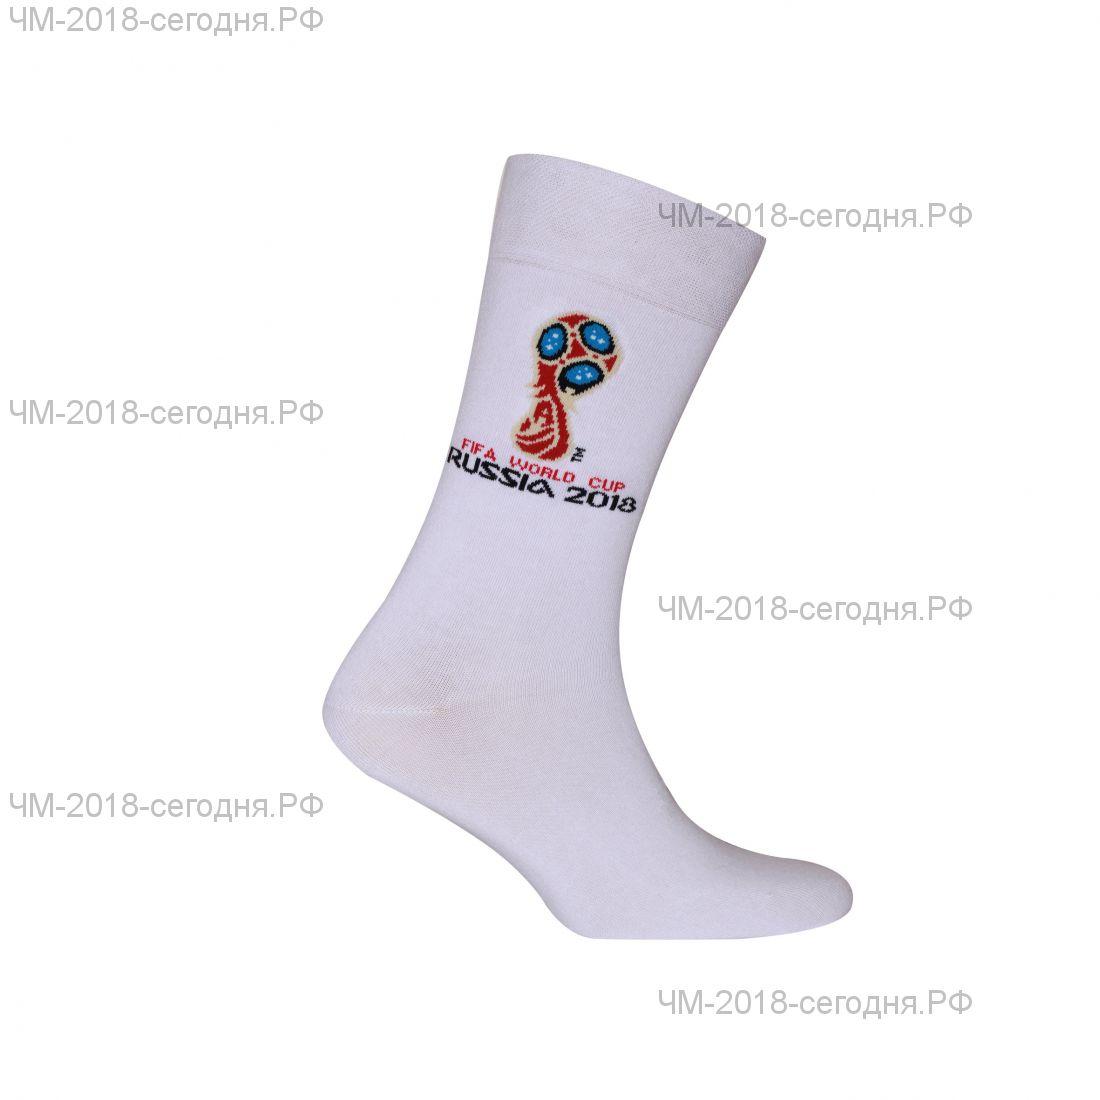 Носки с официальной эмблемой Кубок FIFA 2018 (белые)